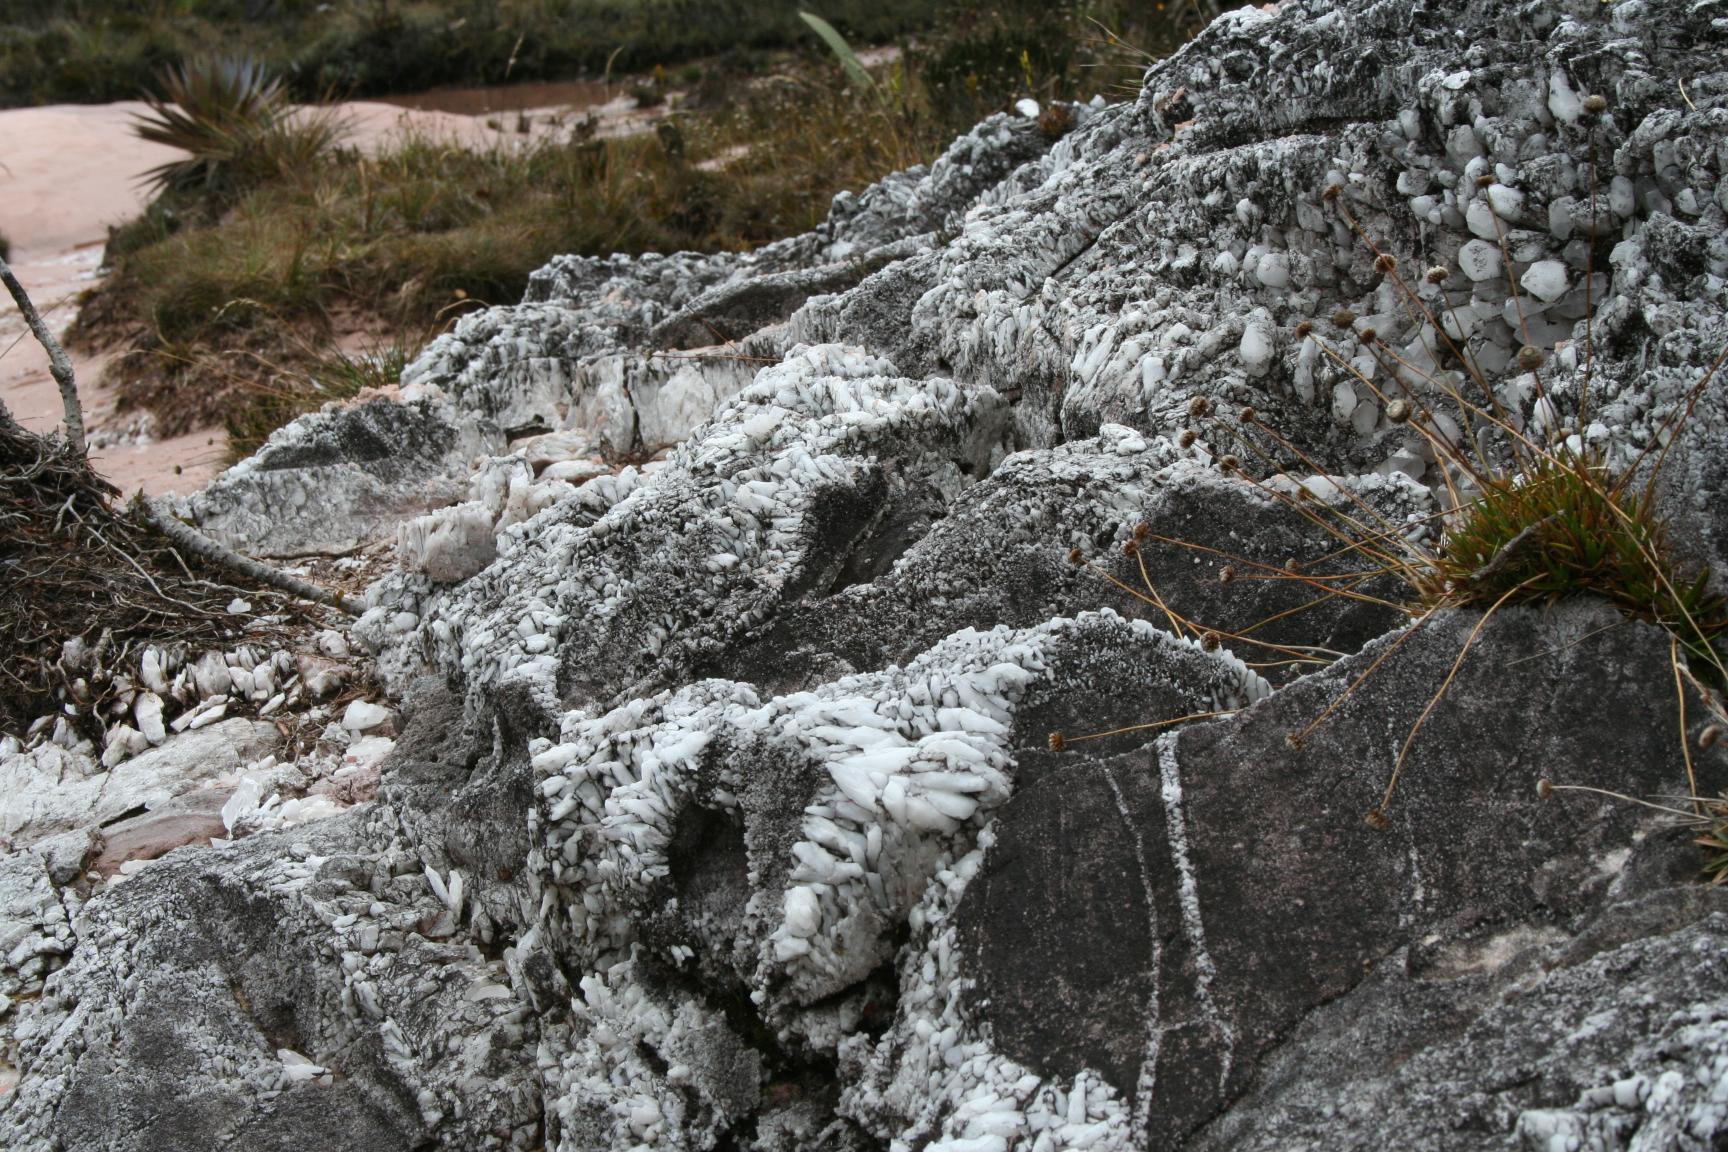 Kamienie w Dolinie Kryształów pokrywają jałową ziemię. Zabranie ich ze szczytu według wierzeń rdzennych ludów przynosi pecha… i perspektywę wenezuelskiego więzienia. / źródło: Carlos Felipe Antonorsi